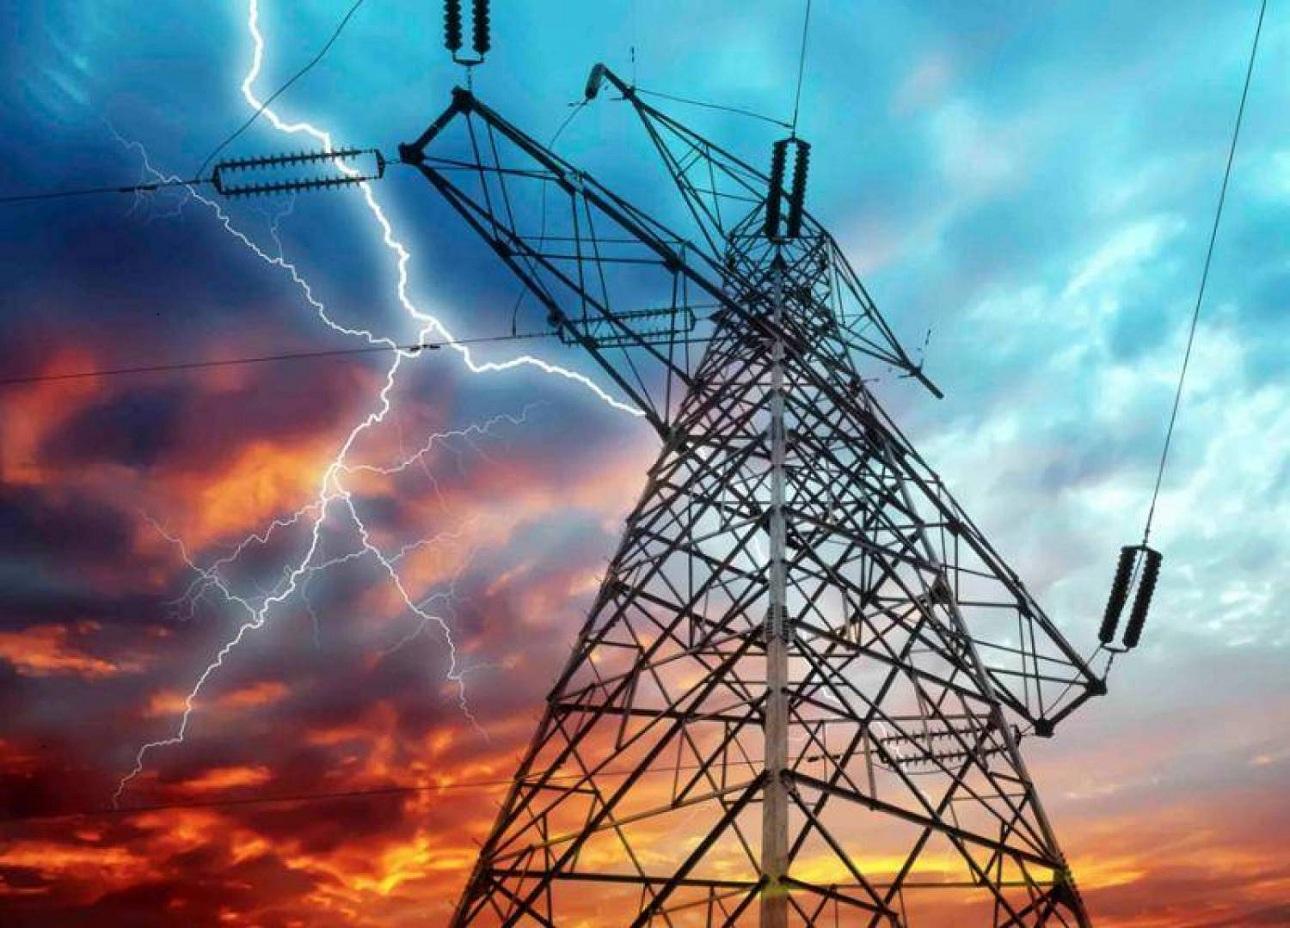 تحذيرات ونصائح لترشيد استهلاك الكهرباء.. والوزارة تؤكد أن فاتورة شهر يوليو مختلفة عن السابق